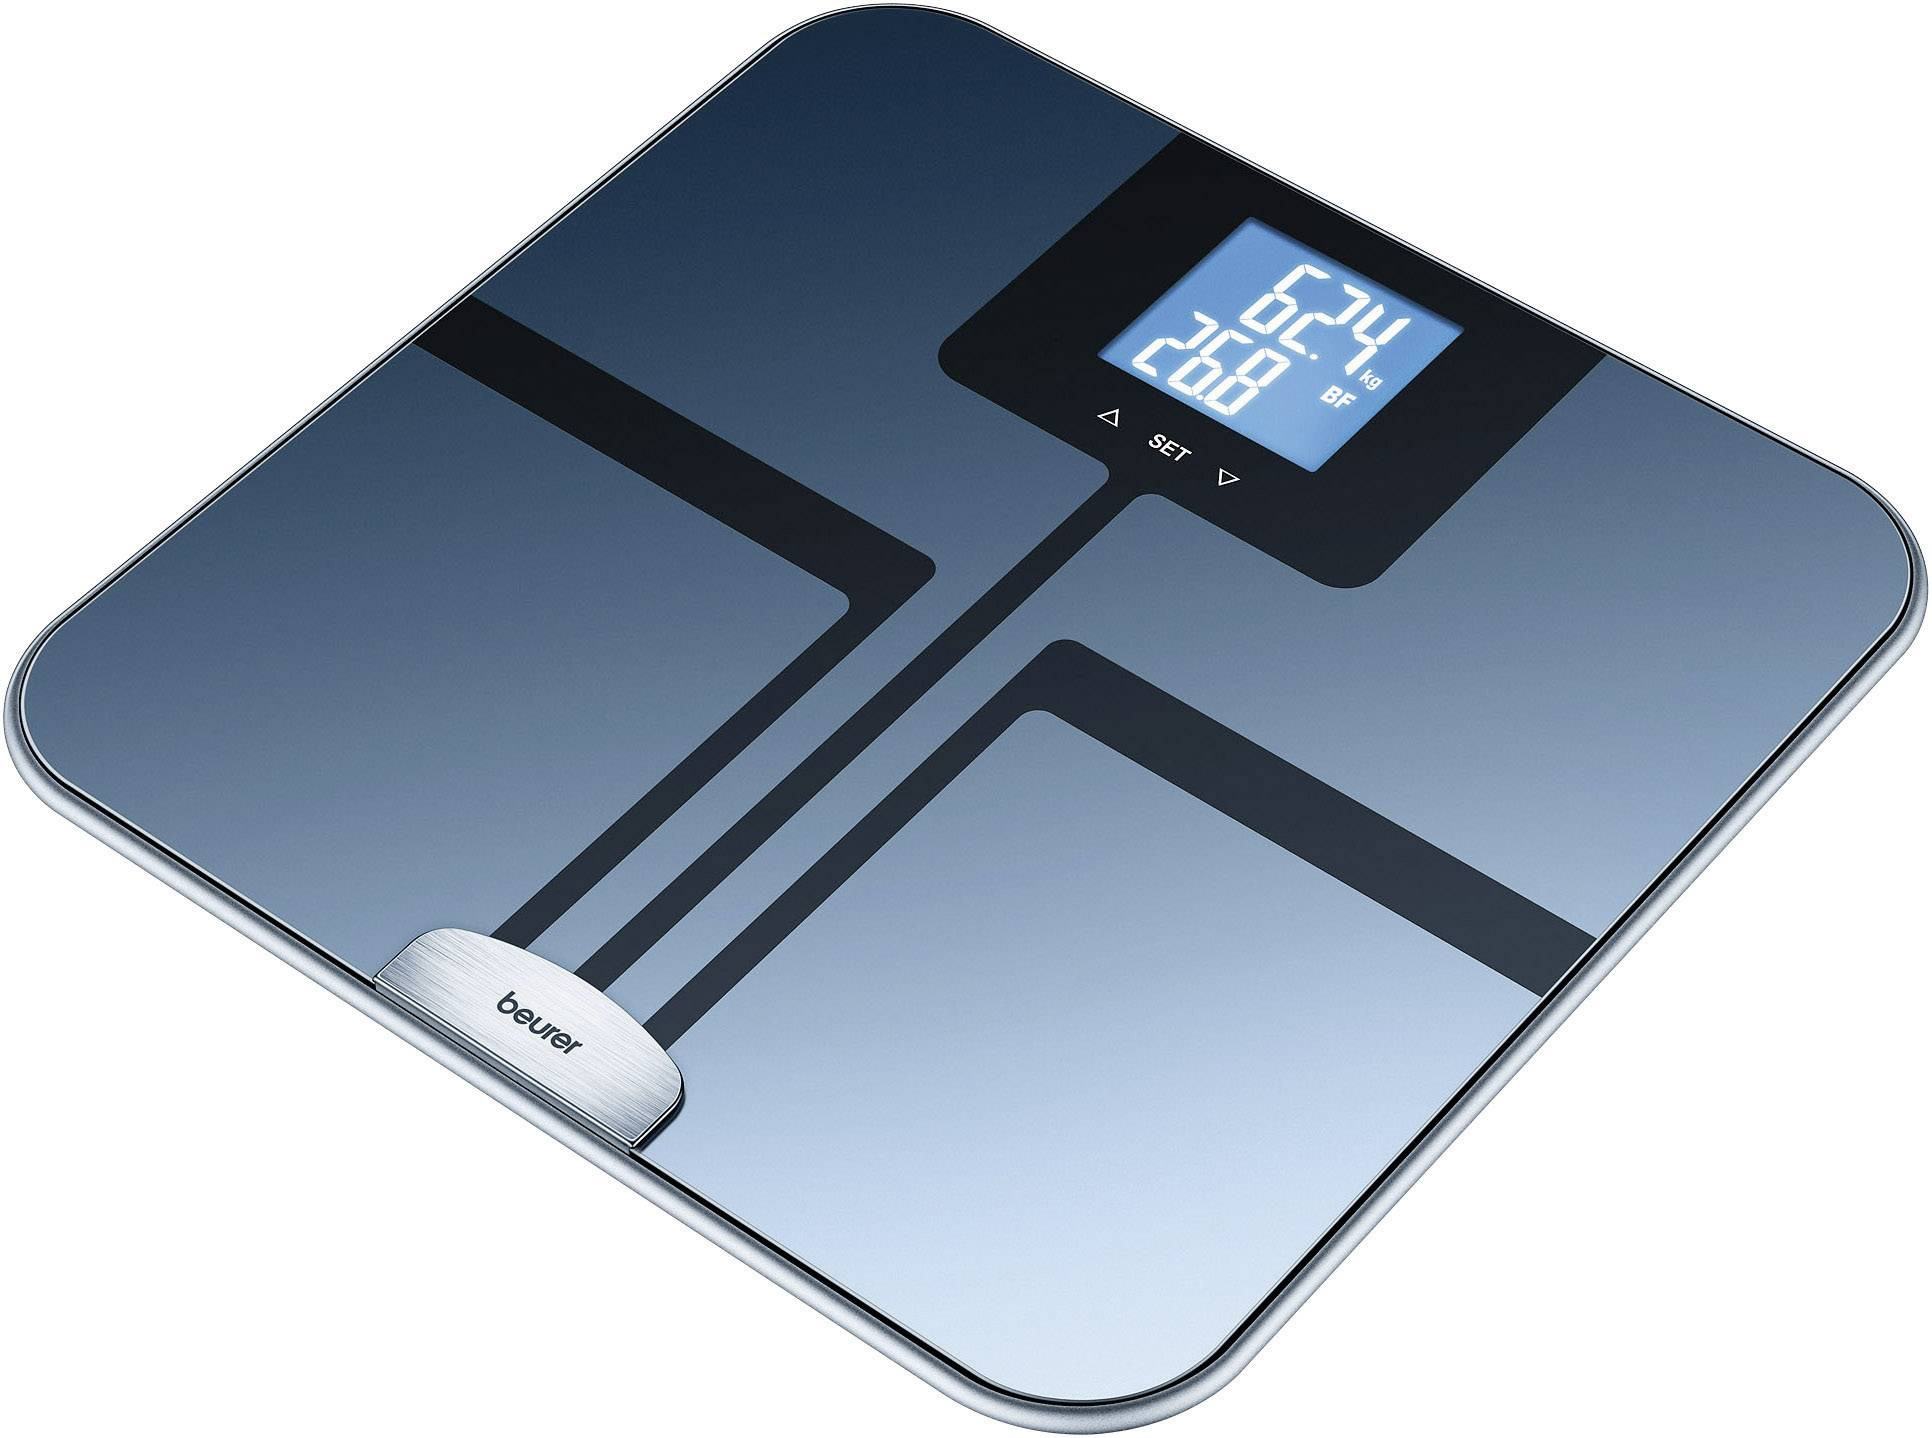 Sklenená diagnostická váha Beurer BF 750, 748.15, čierna